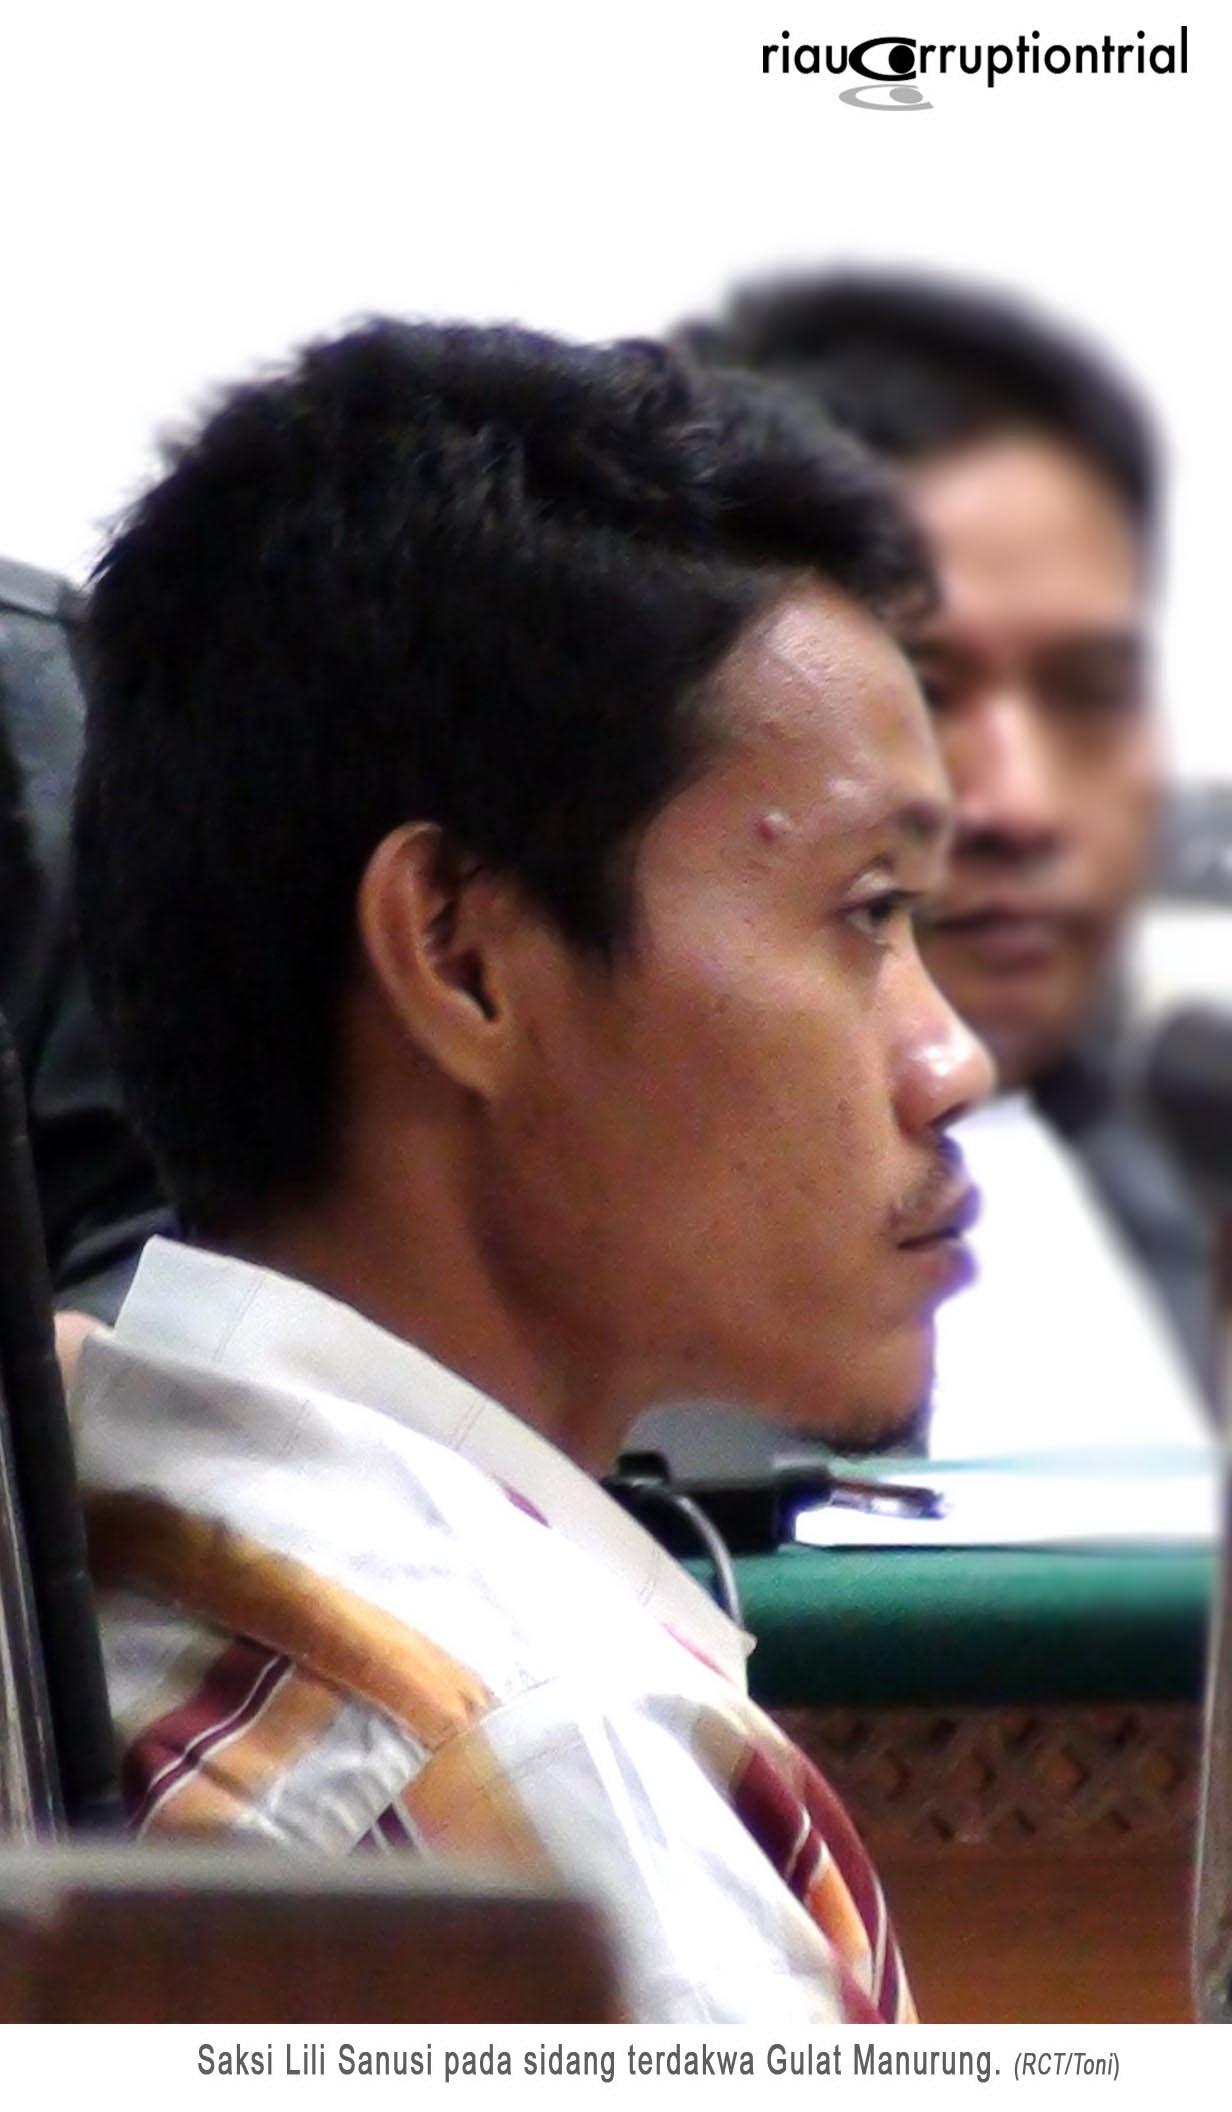 10 Saksi Lili Sanusi 22 Desember 2014